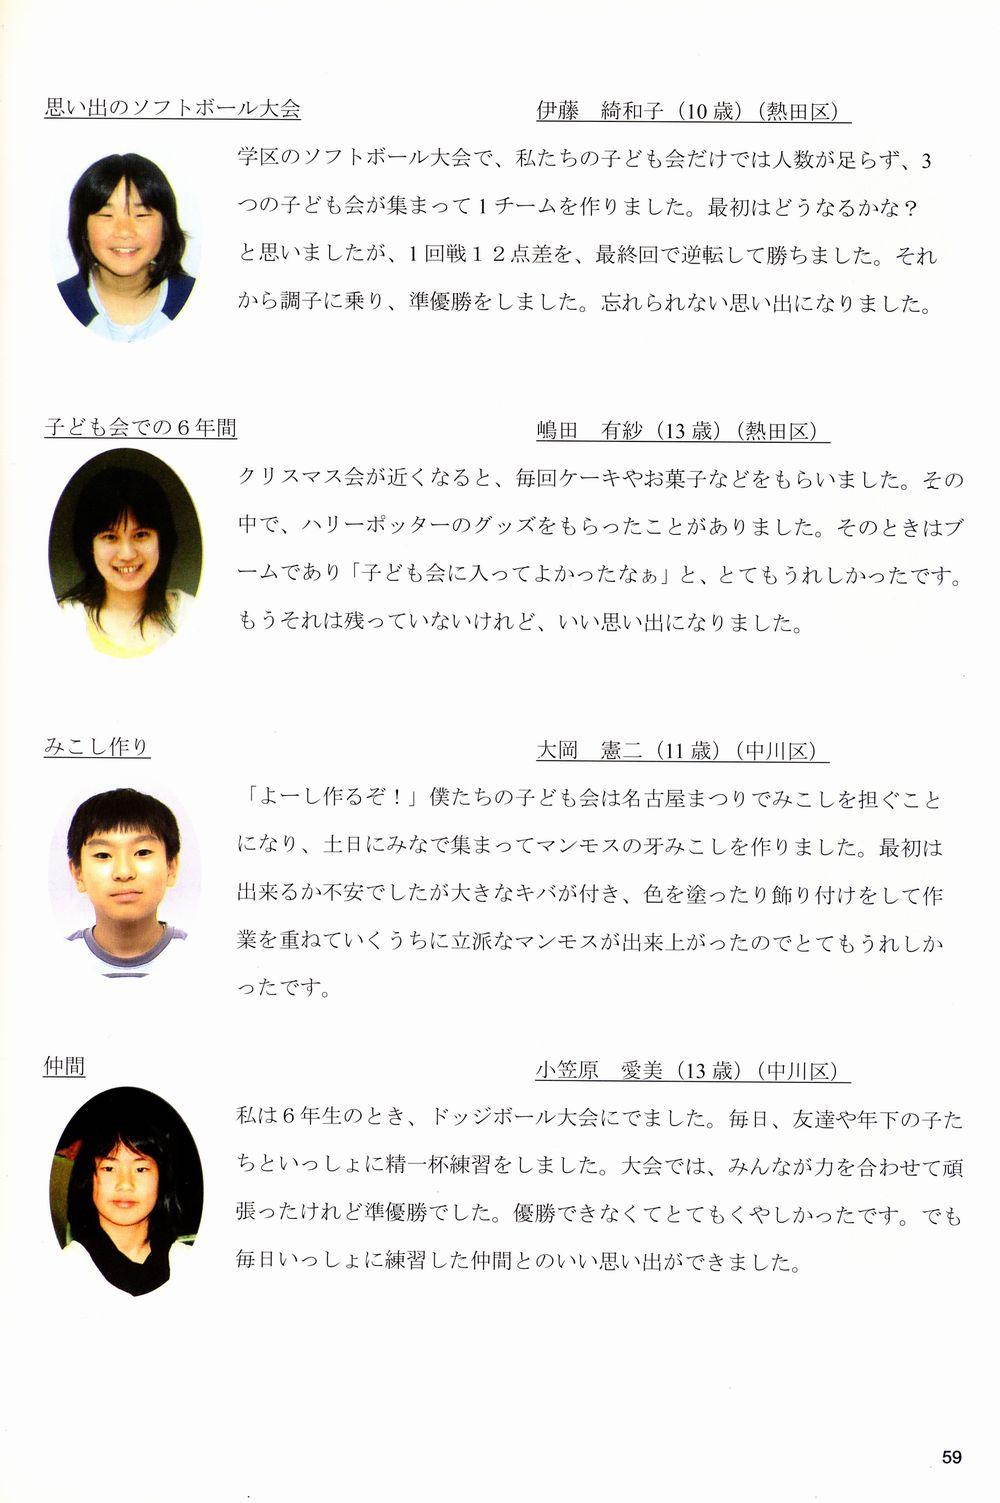 40周年記念誌-page59s